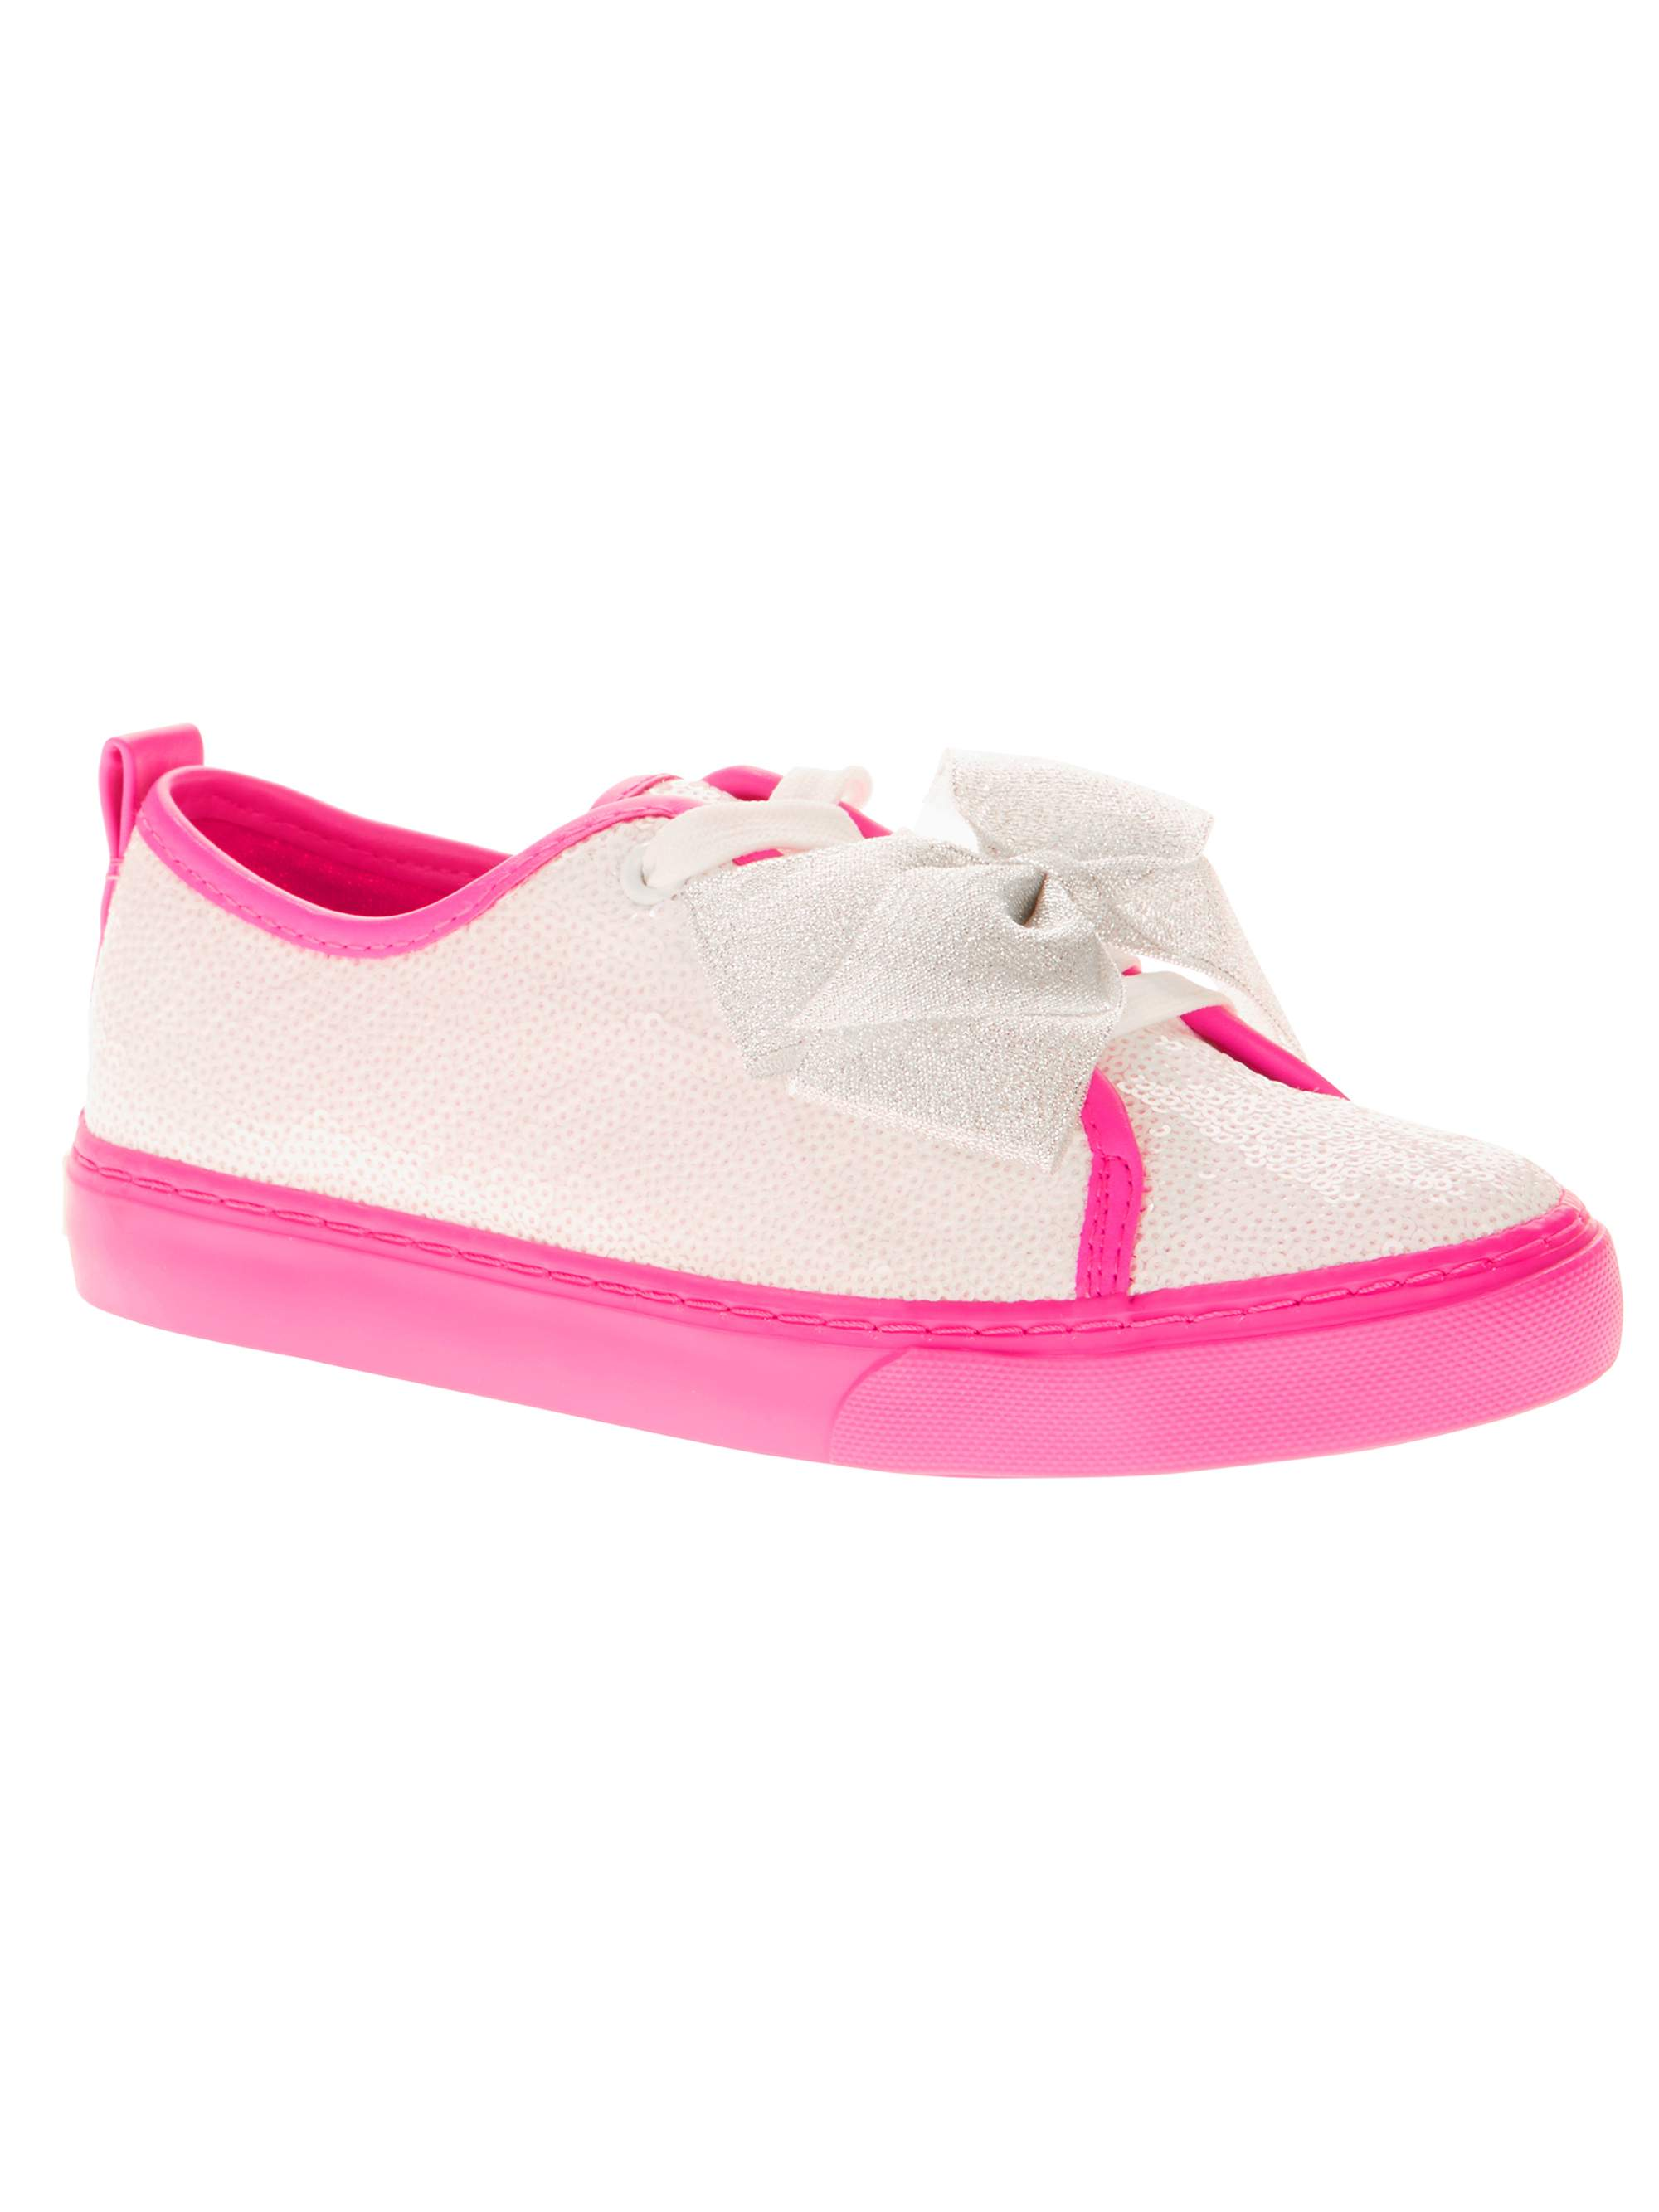 Jojo Siwa Girls' Reverse Sequin Low Top Casual Sneaker